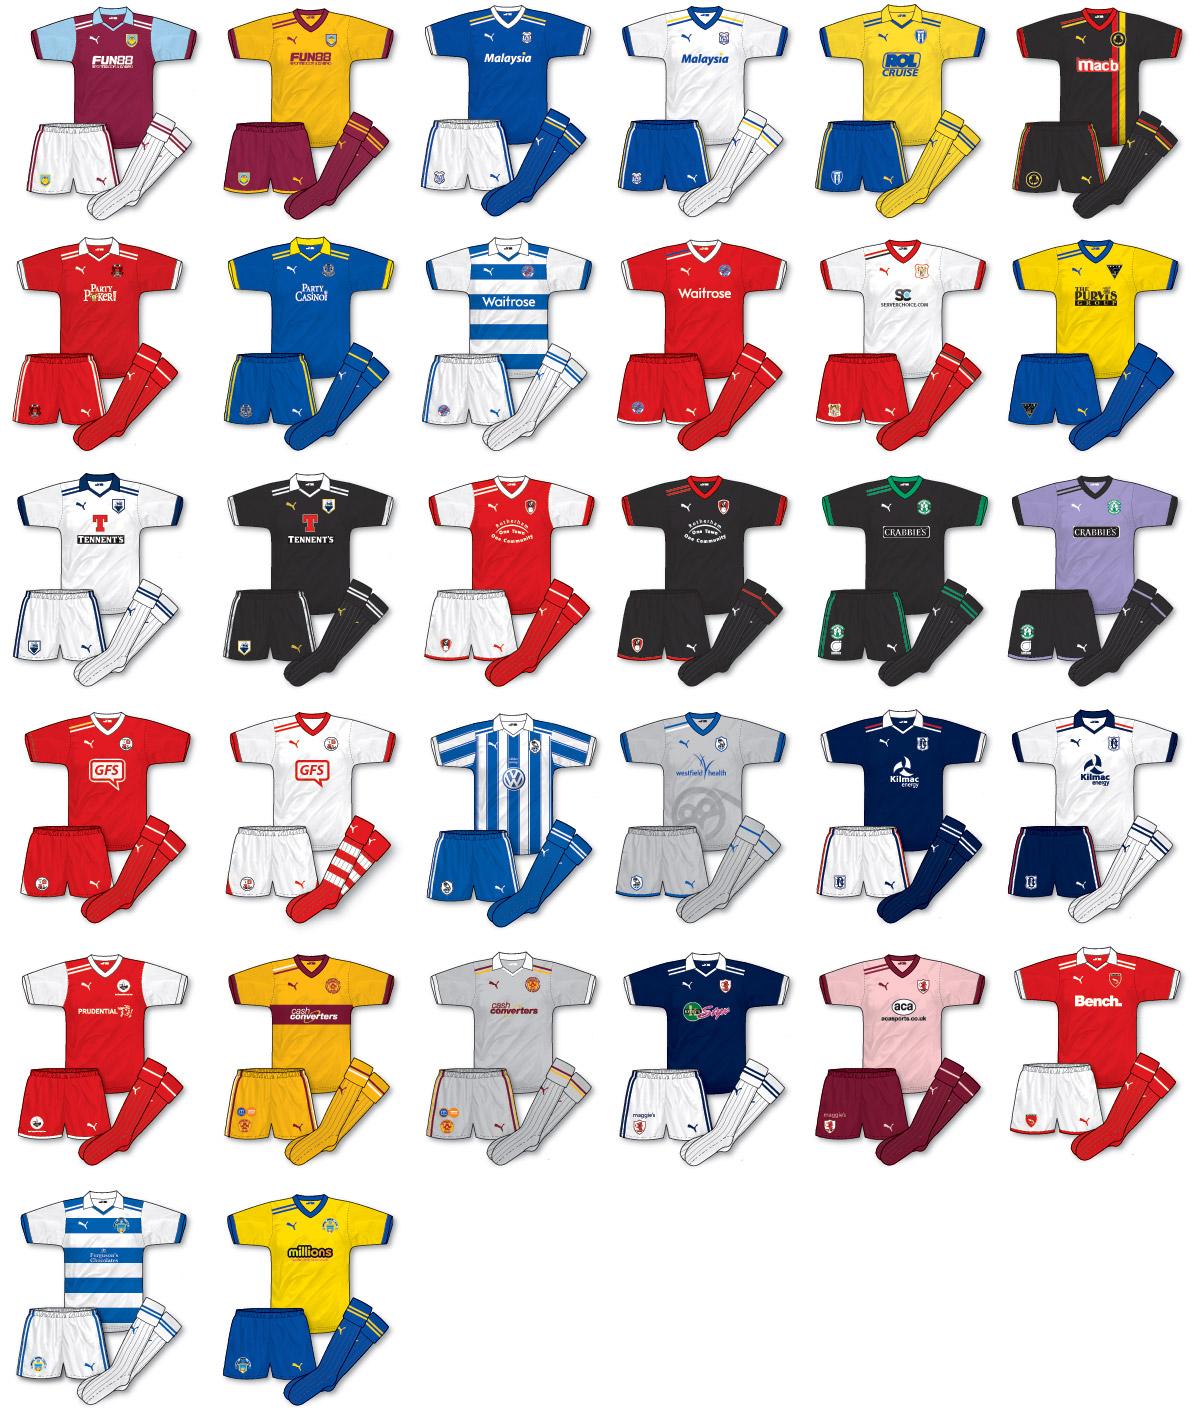 Shirt design kit - Puma